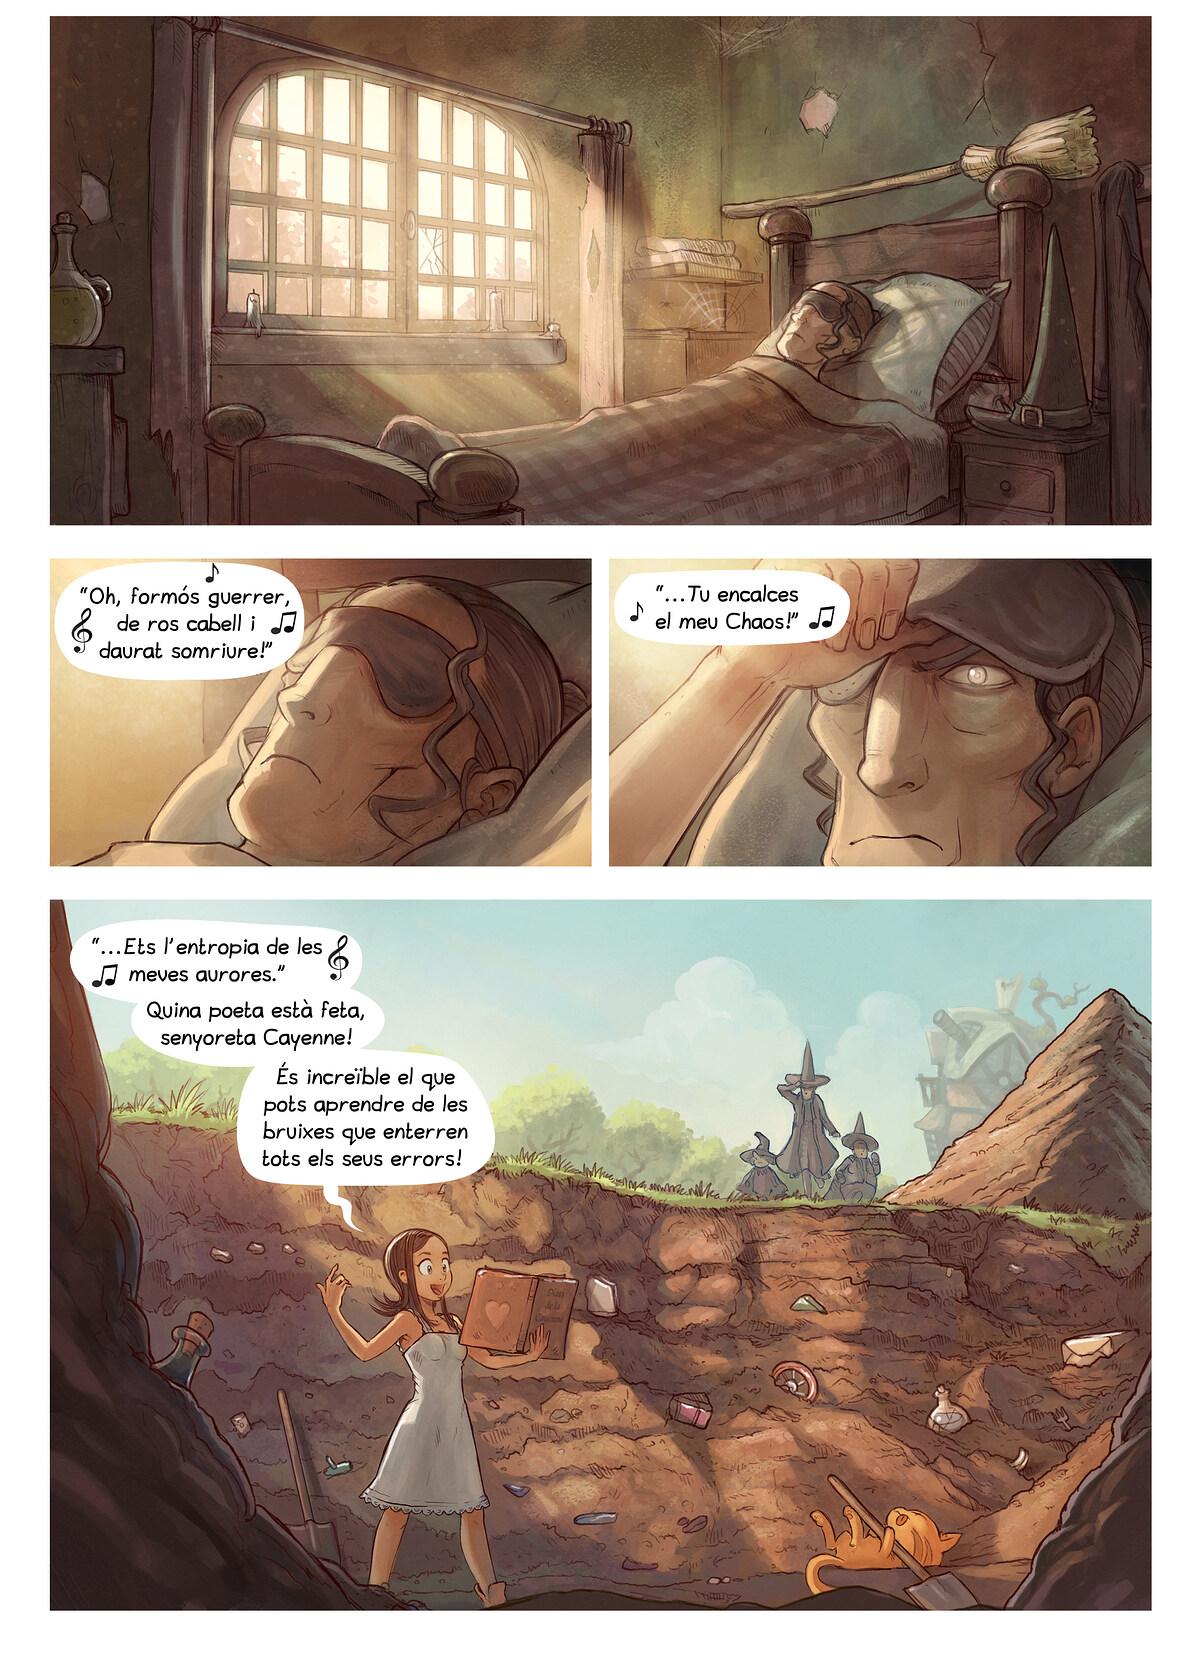 A webcomic page of Pepper&Carrot, episodi 19 [ca], pàgina 4